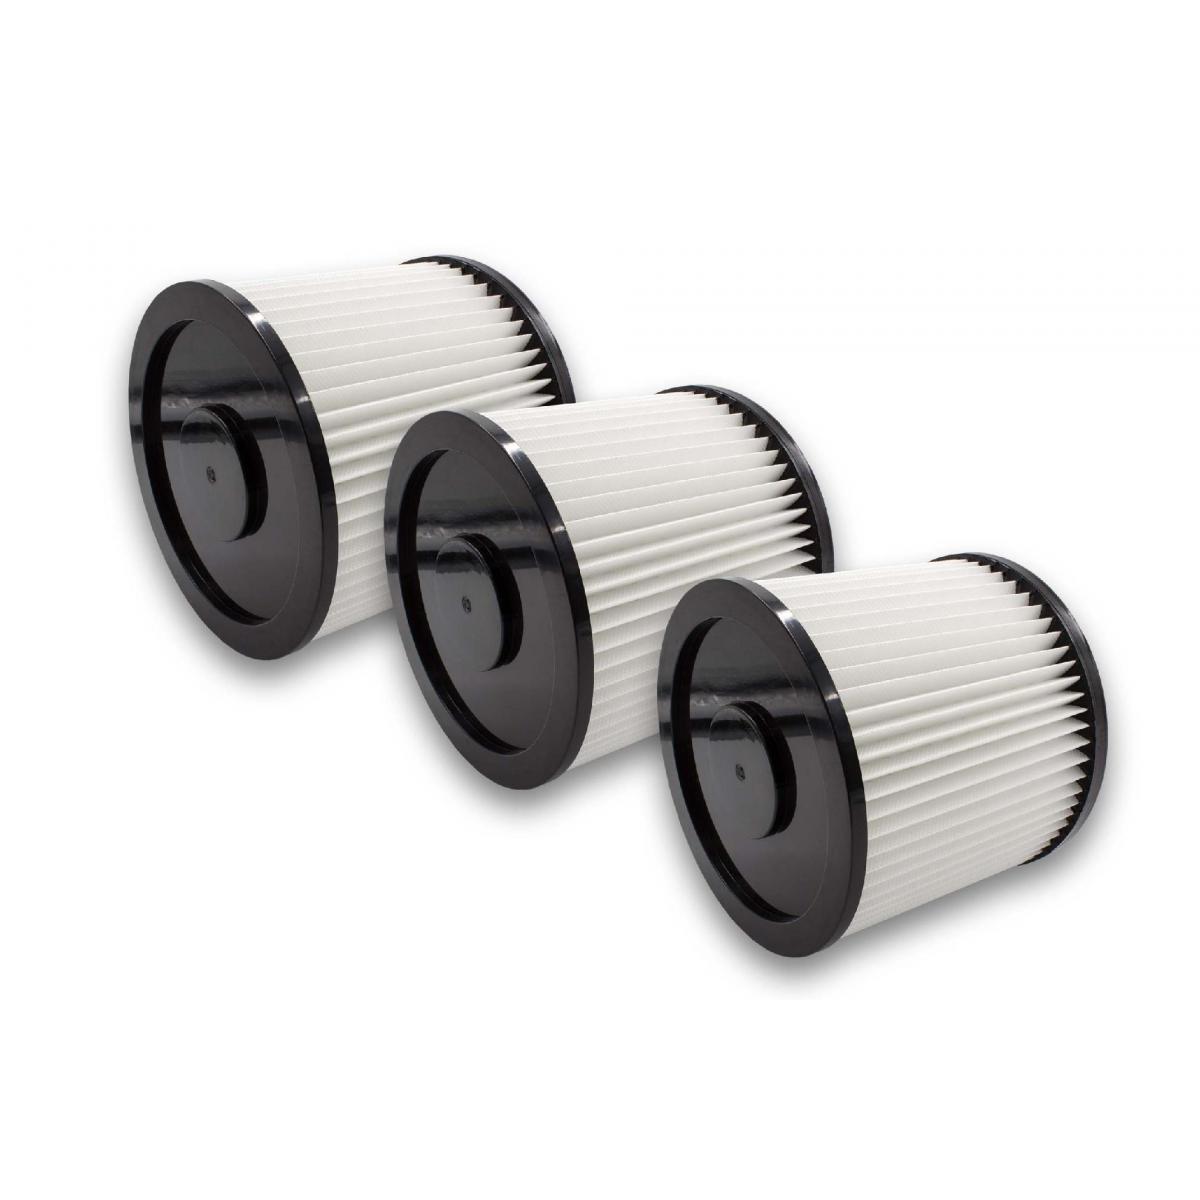 Vhbw vhbw 3x Filtres ronds pour aspirateur multifonctions compatible avec Aqua Vac Super 30, 40, 615 S1, 615 S2, 760